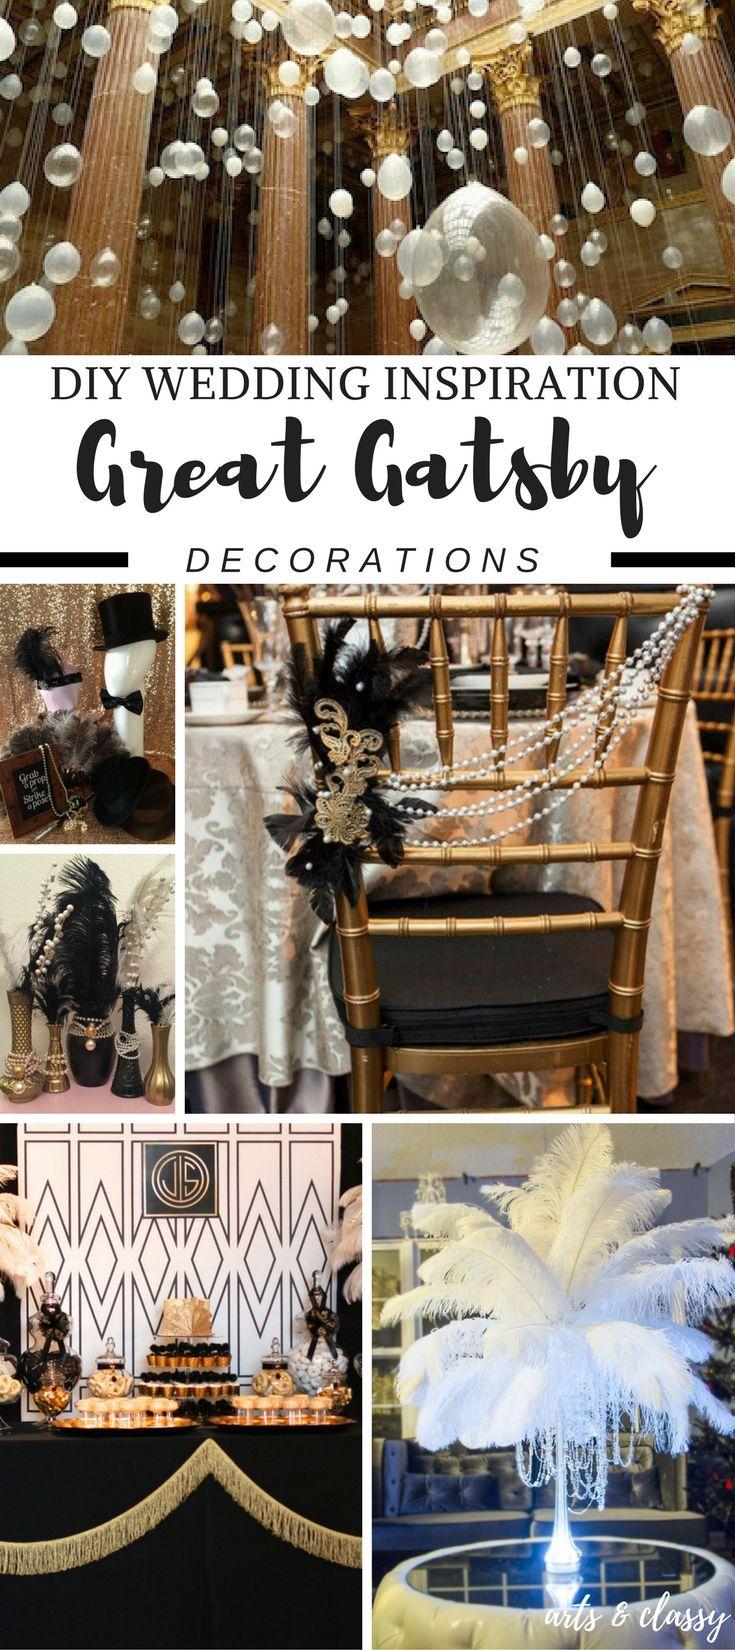 Wedding room decoration ideas 2018  DIY Wedding  Great Gatsby Decor Ideas  Inspiration in